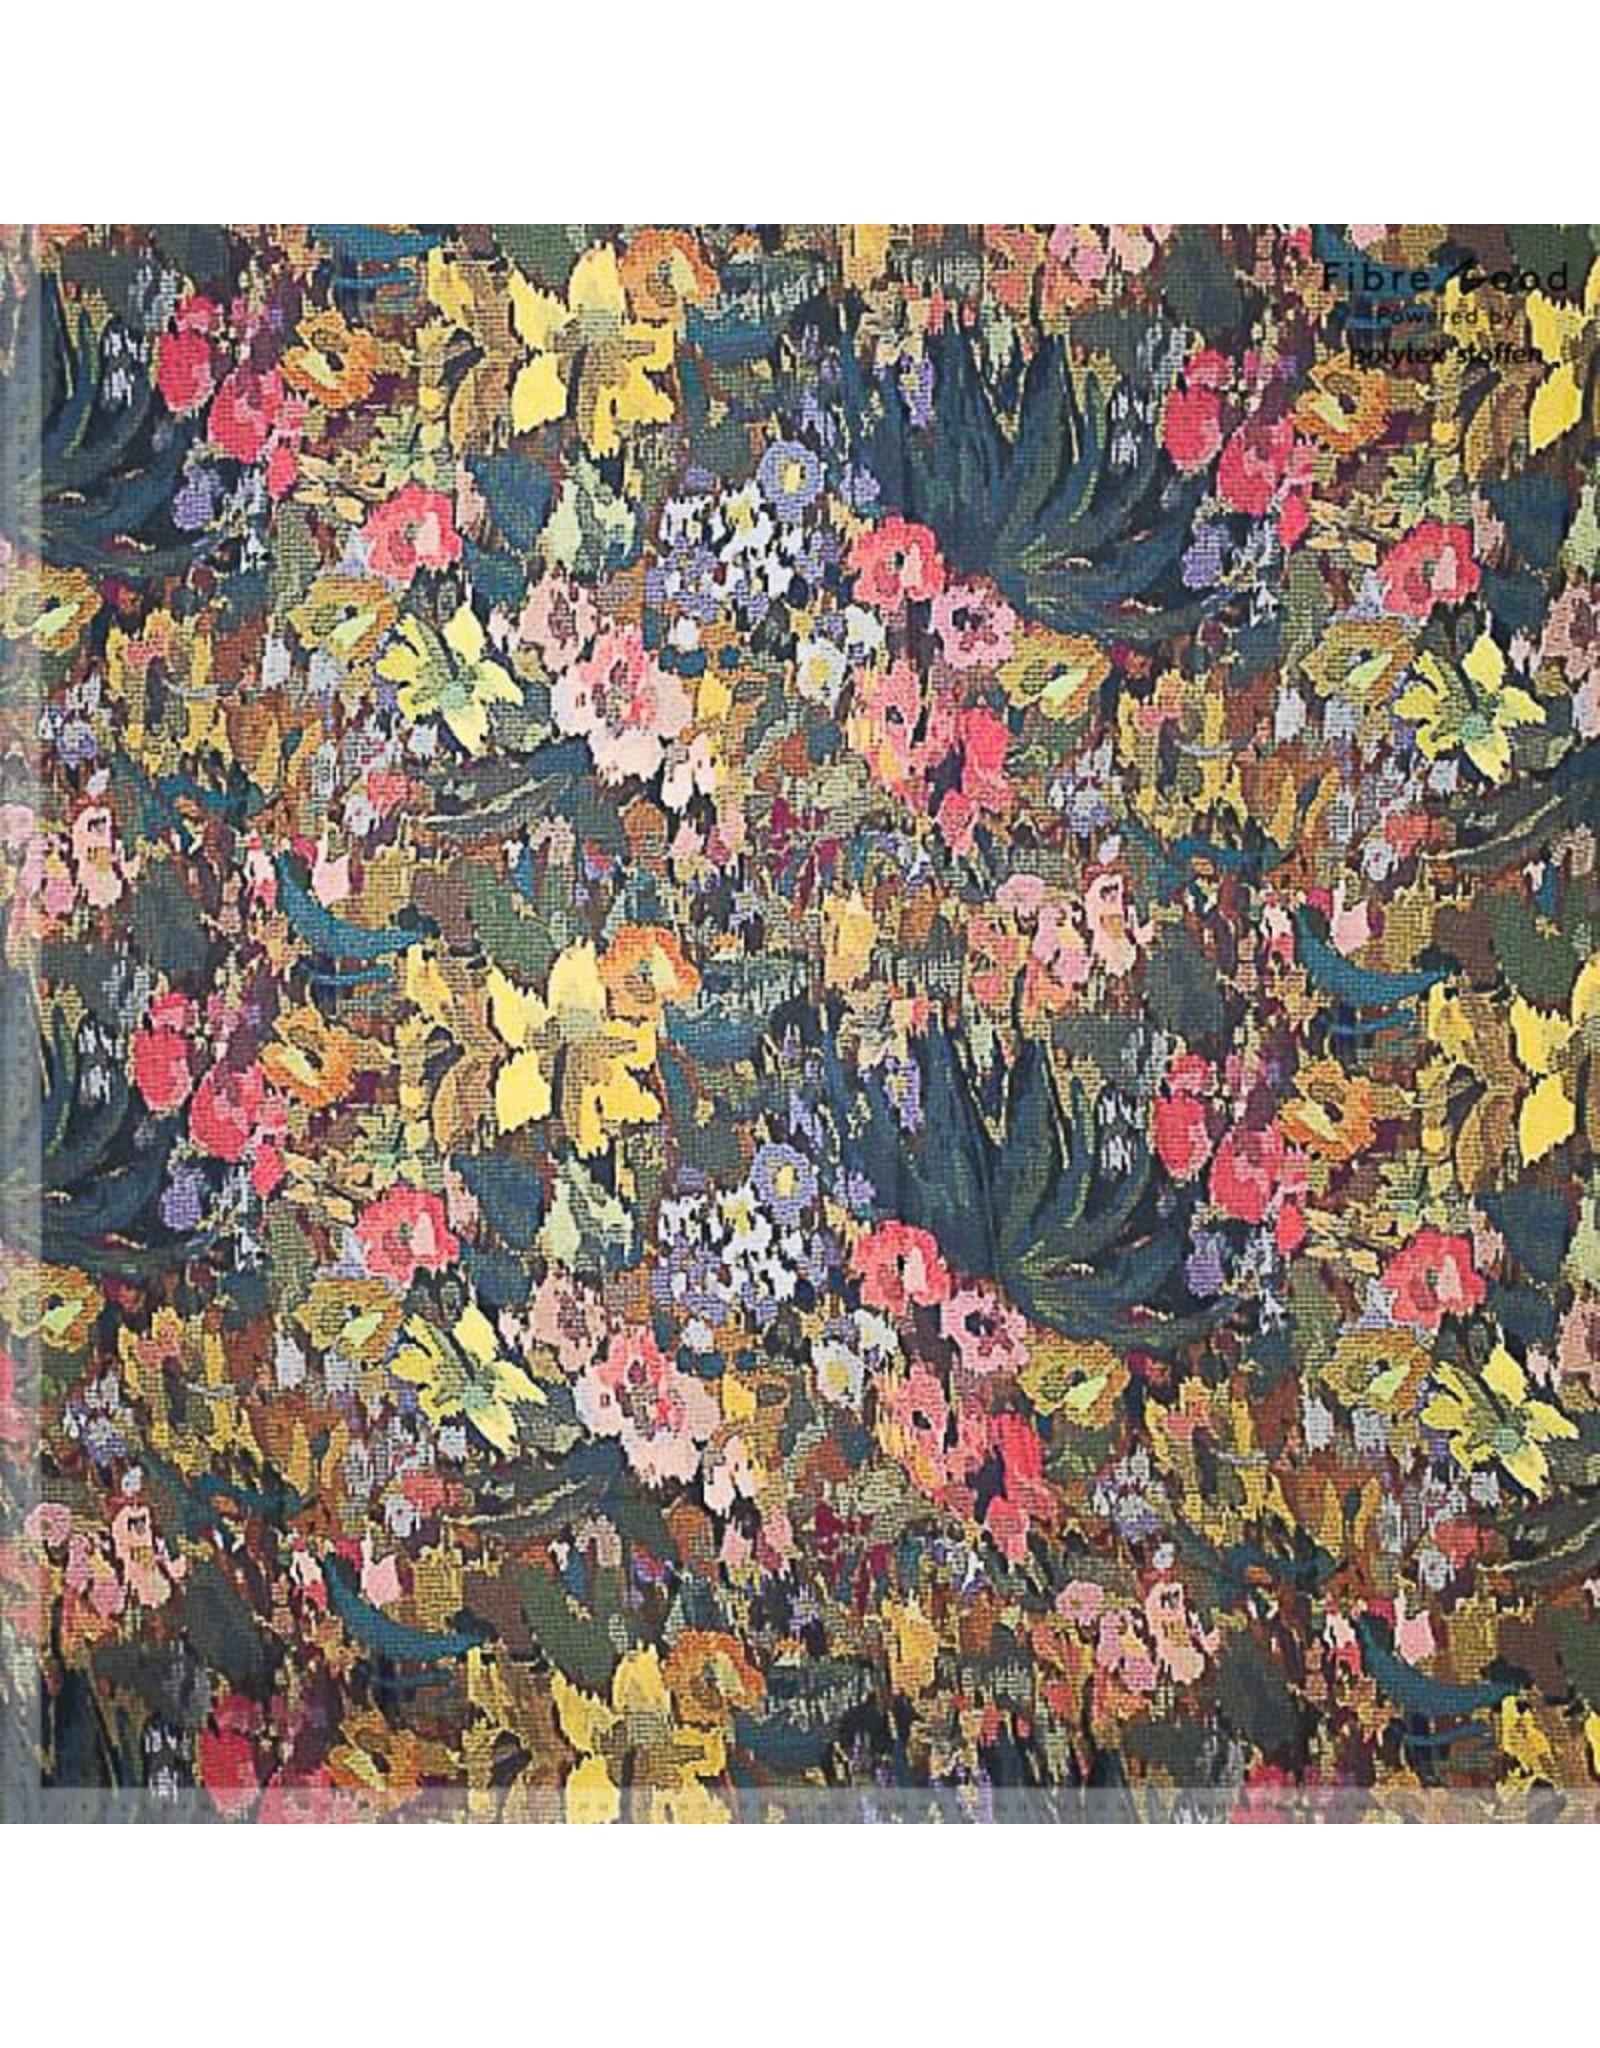 Polytex Crepe flowers digital